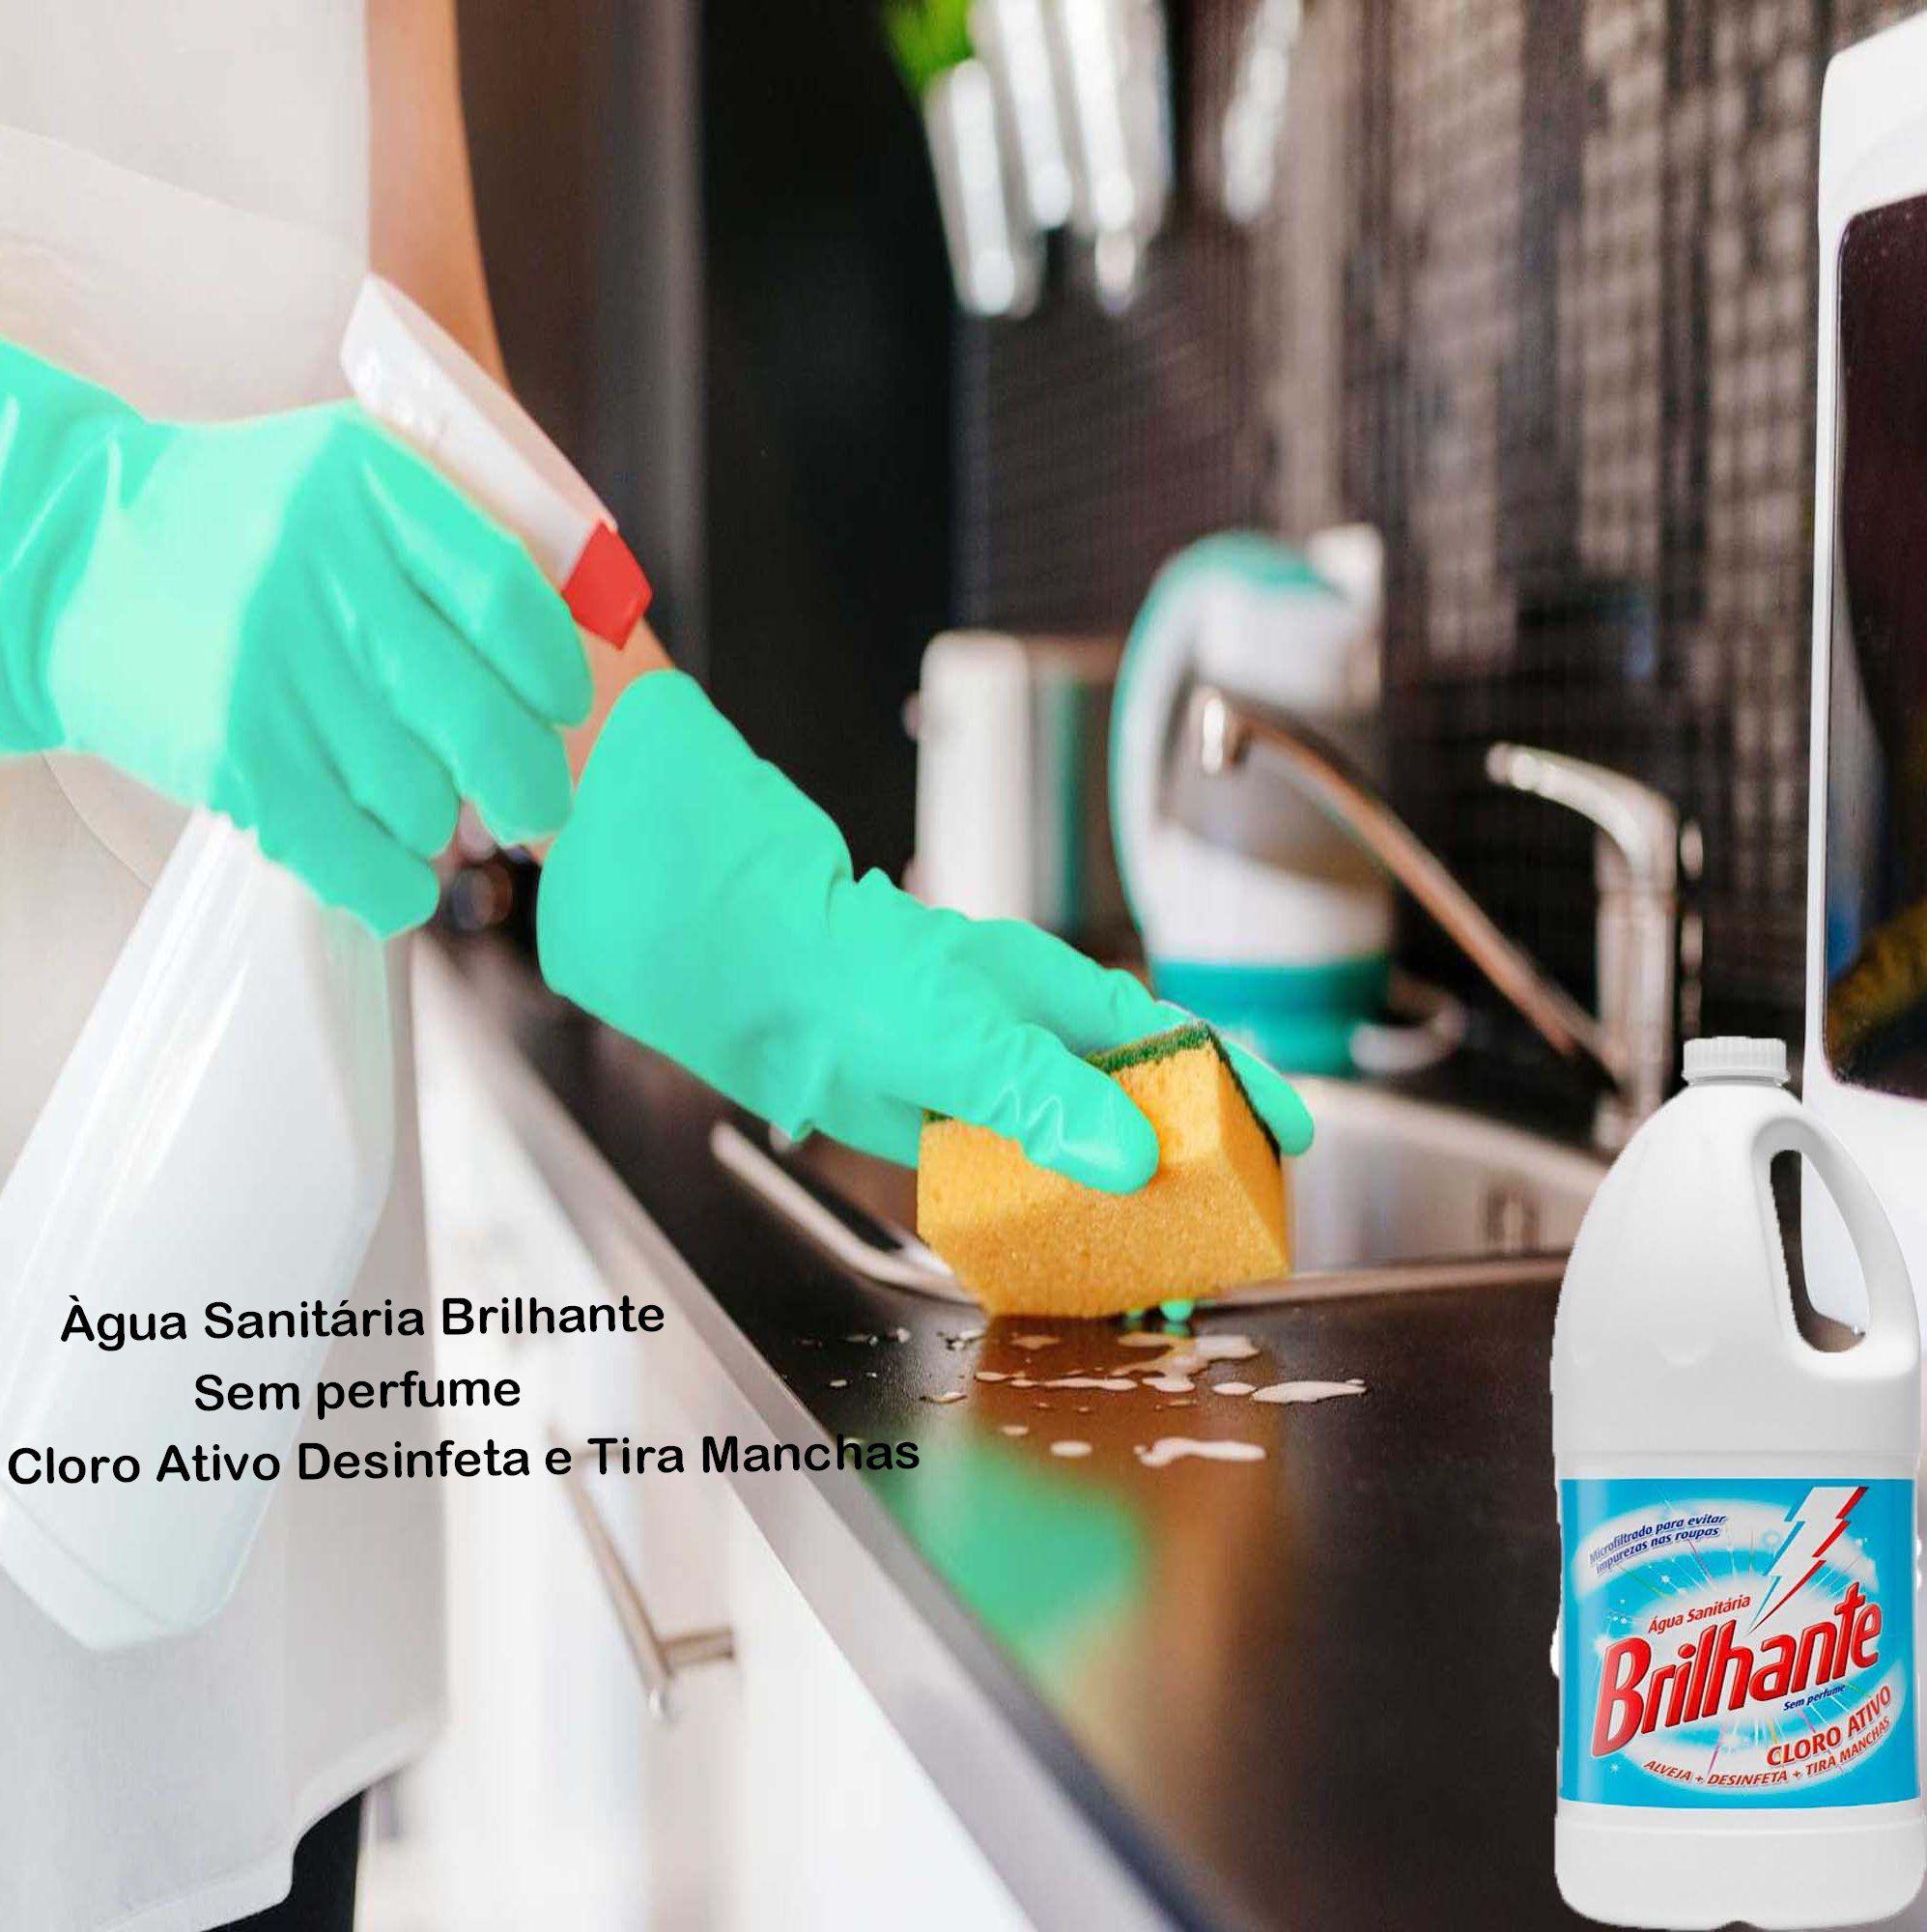 Água Sanitária Cloro Ativo 2 Unidades  Alvejante Desinfetante Bactericida Tira Manchas Sem Perfume Multiuso Higienização Limpeza Com Alça Brilhante